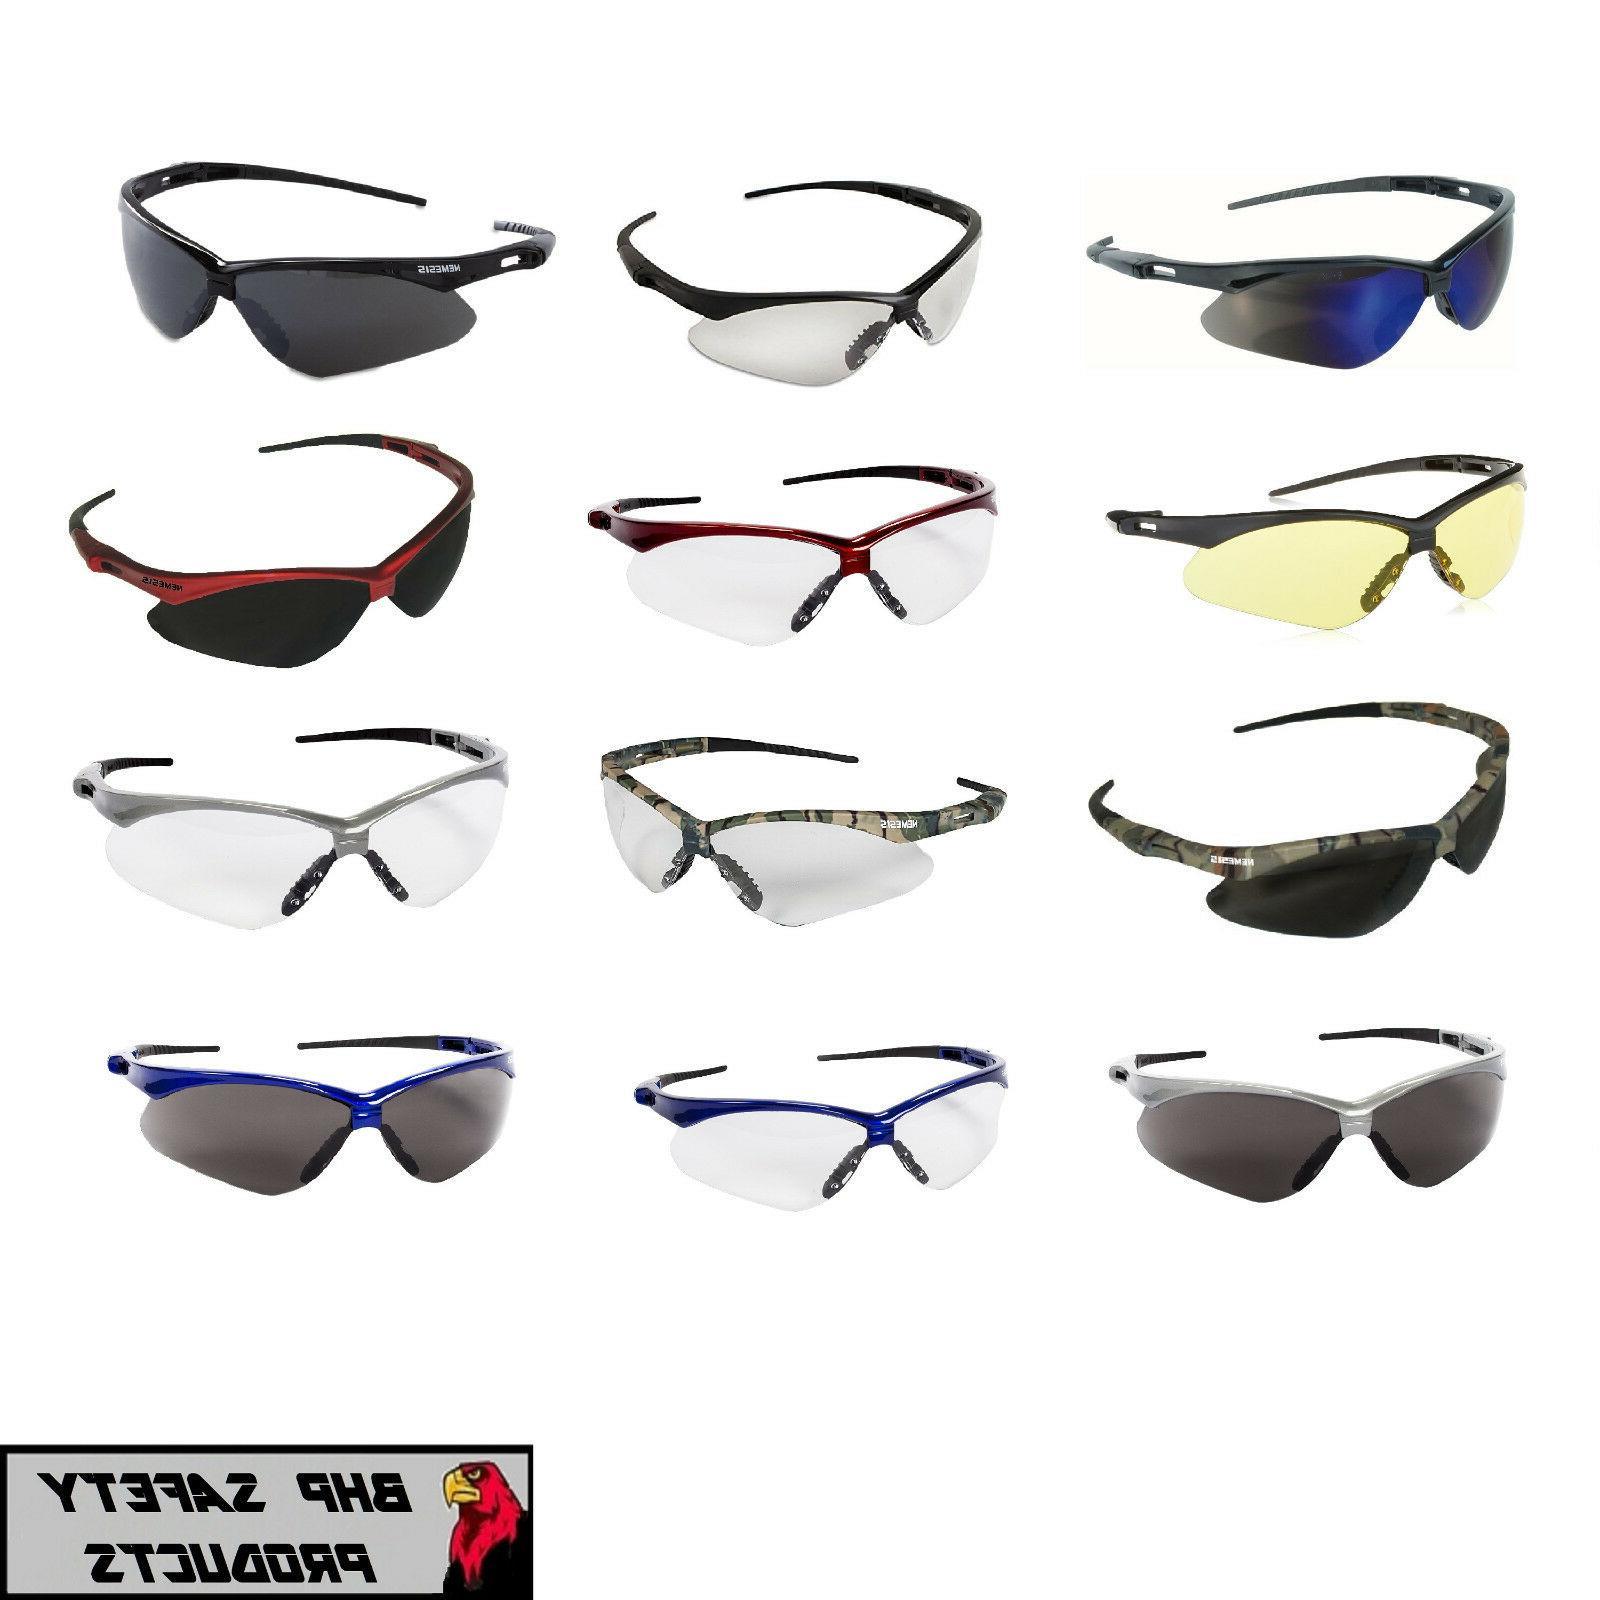 jackson nemesis safety glasses work eyewear sunglasses